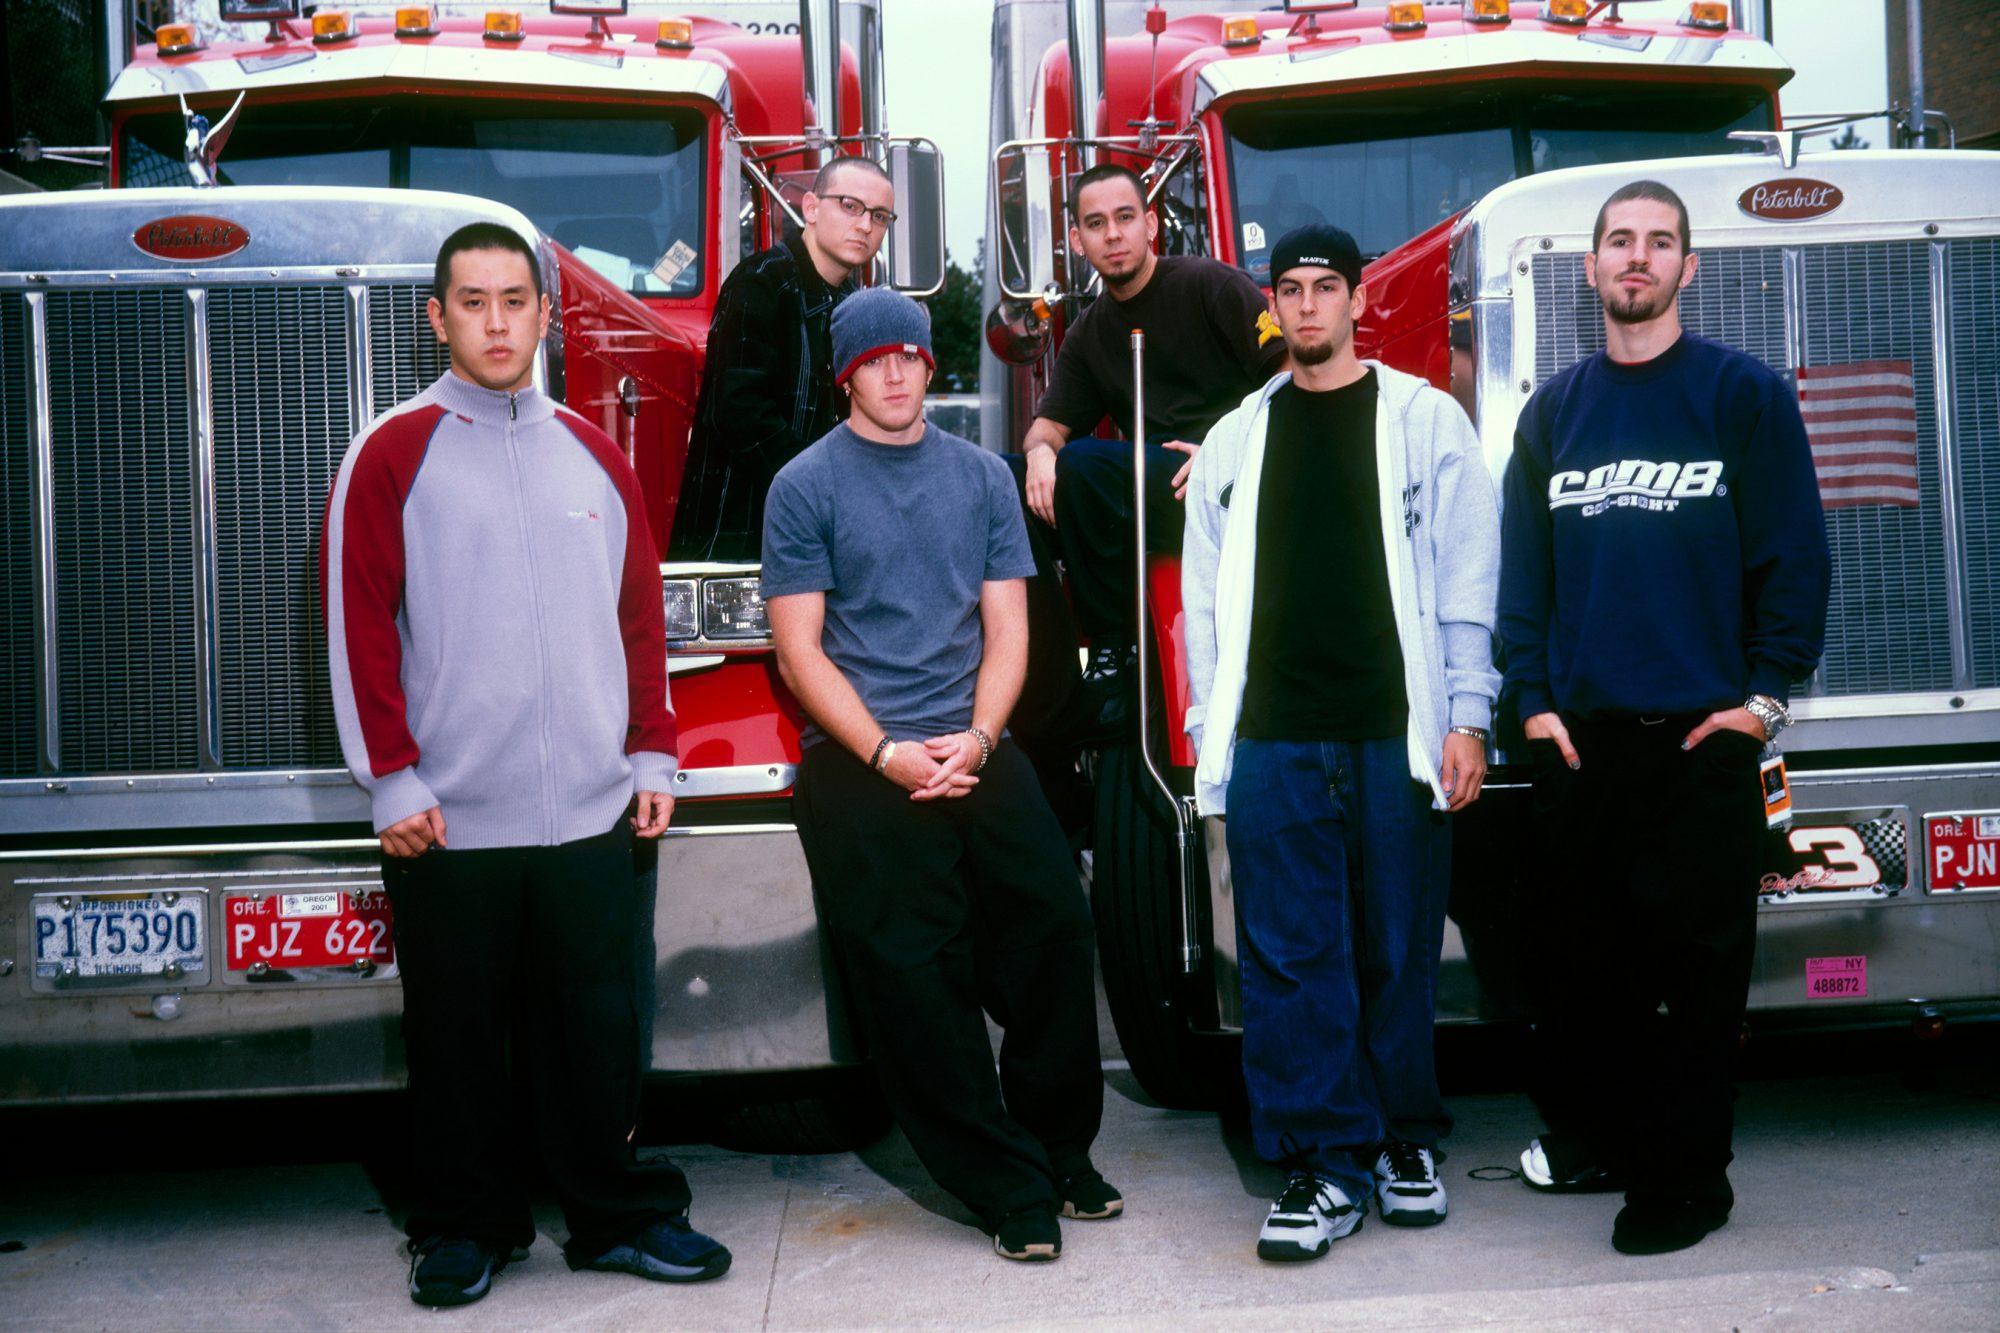 Group Portrait Of Linkin Park